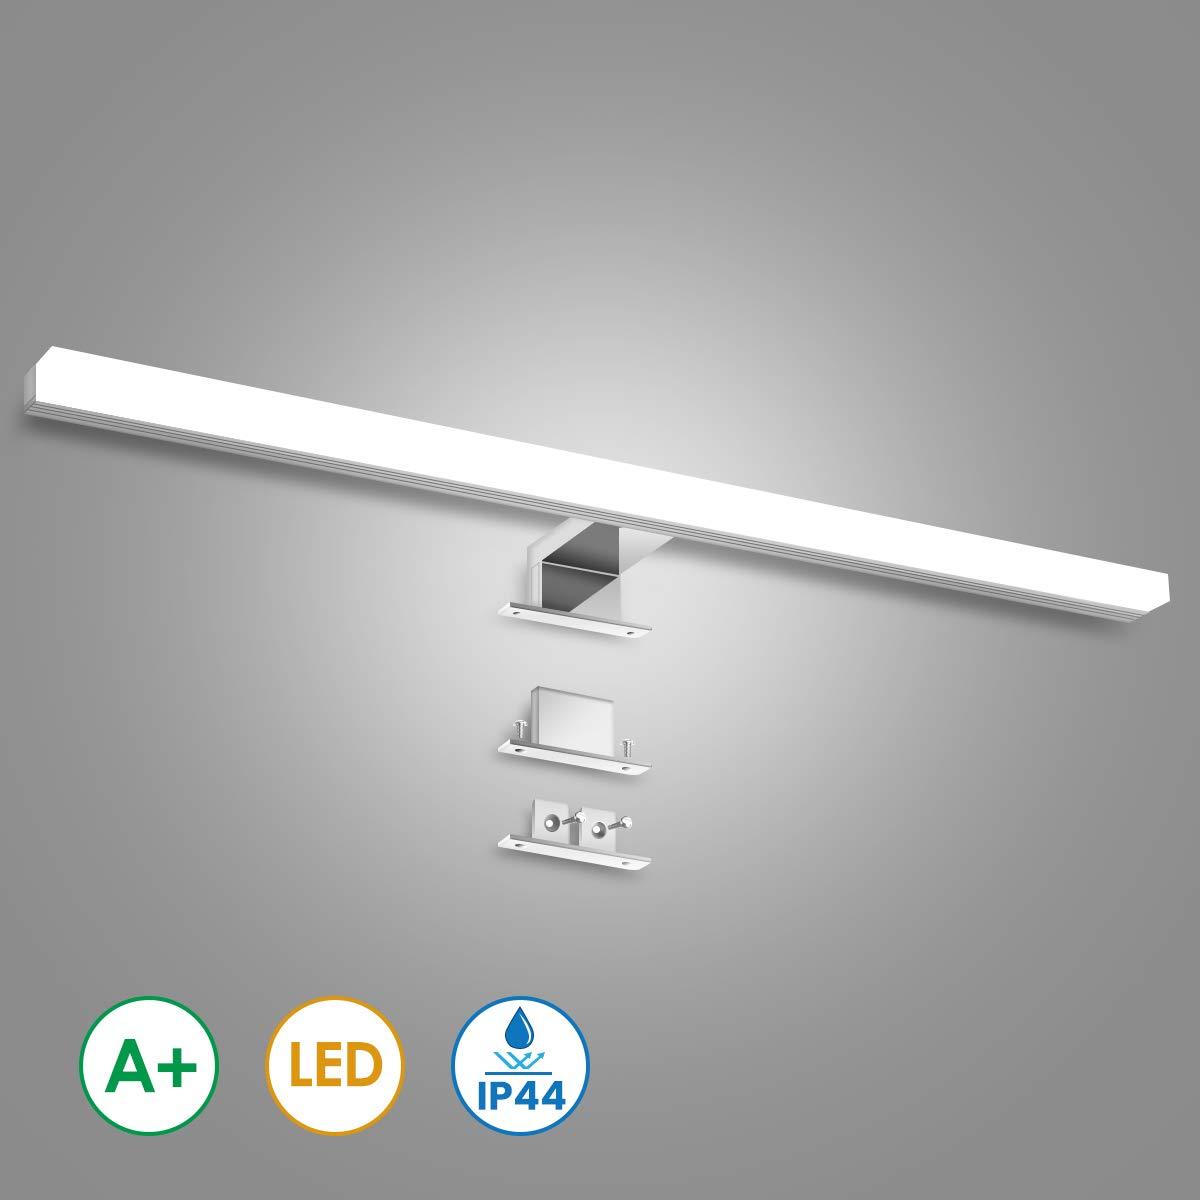 KINGSO LED Spiegelleuchte Badleuchte 12W 60cm IP44 LED Spiegellampe Neutralwei/ß Spiegellicht Badezimmer/Led Schminklicht Schrank-Beleuchtung 4000K 800LM 230V